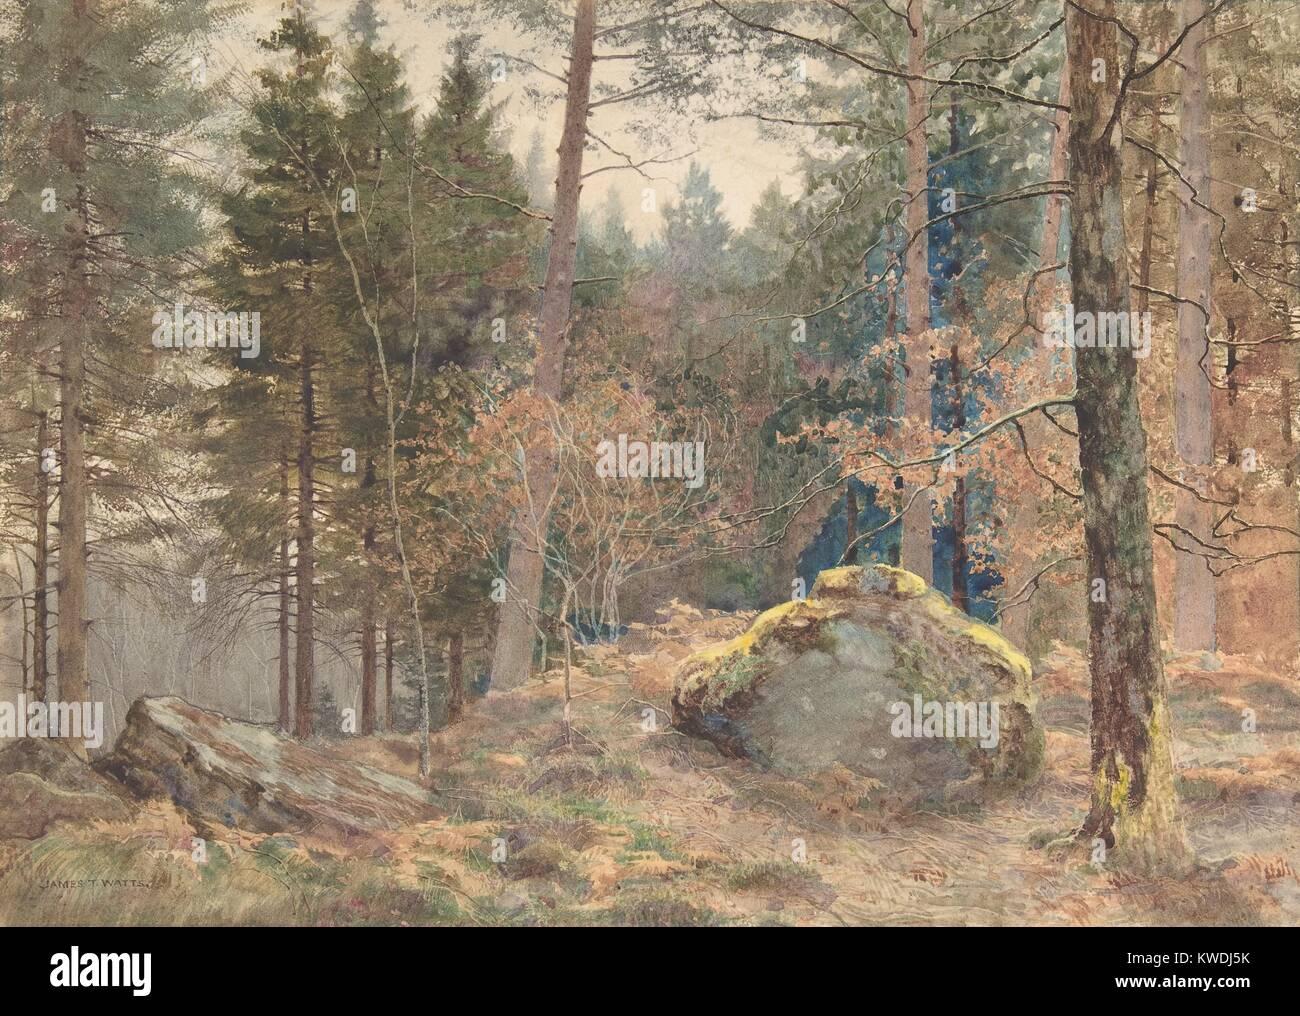 Dans un bois de pin, par James Thomas, 1891 Watts, en aquarelle. Watts a été influencé par Ruskin et les préraphaélites. Banque D'Images